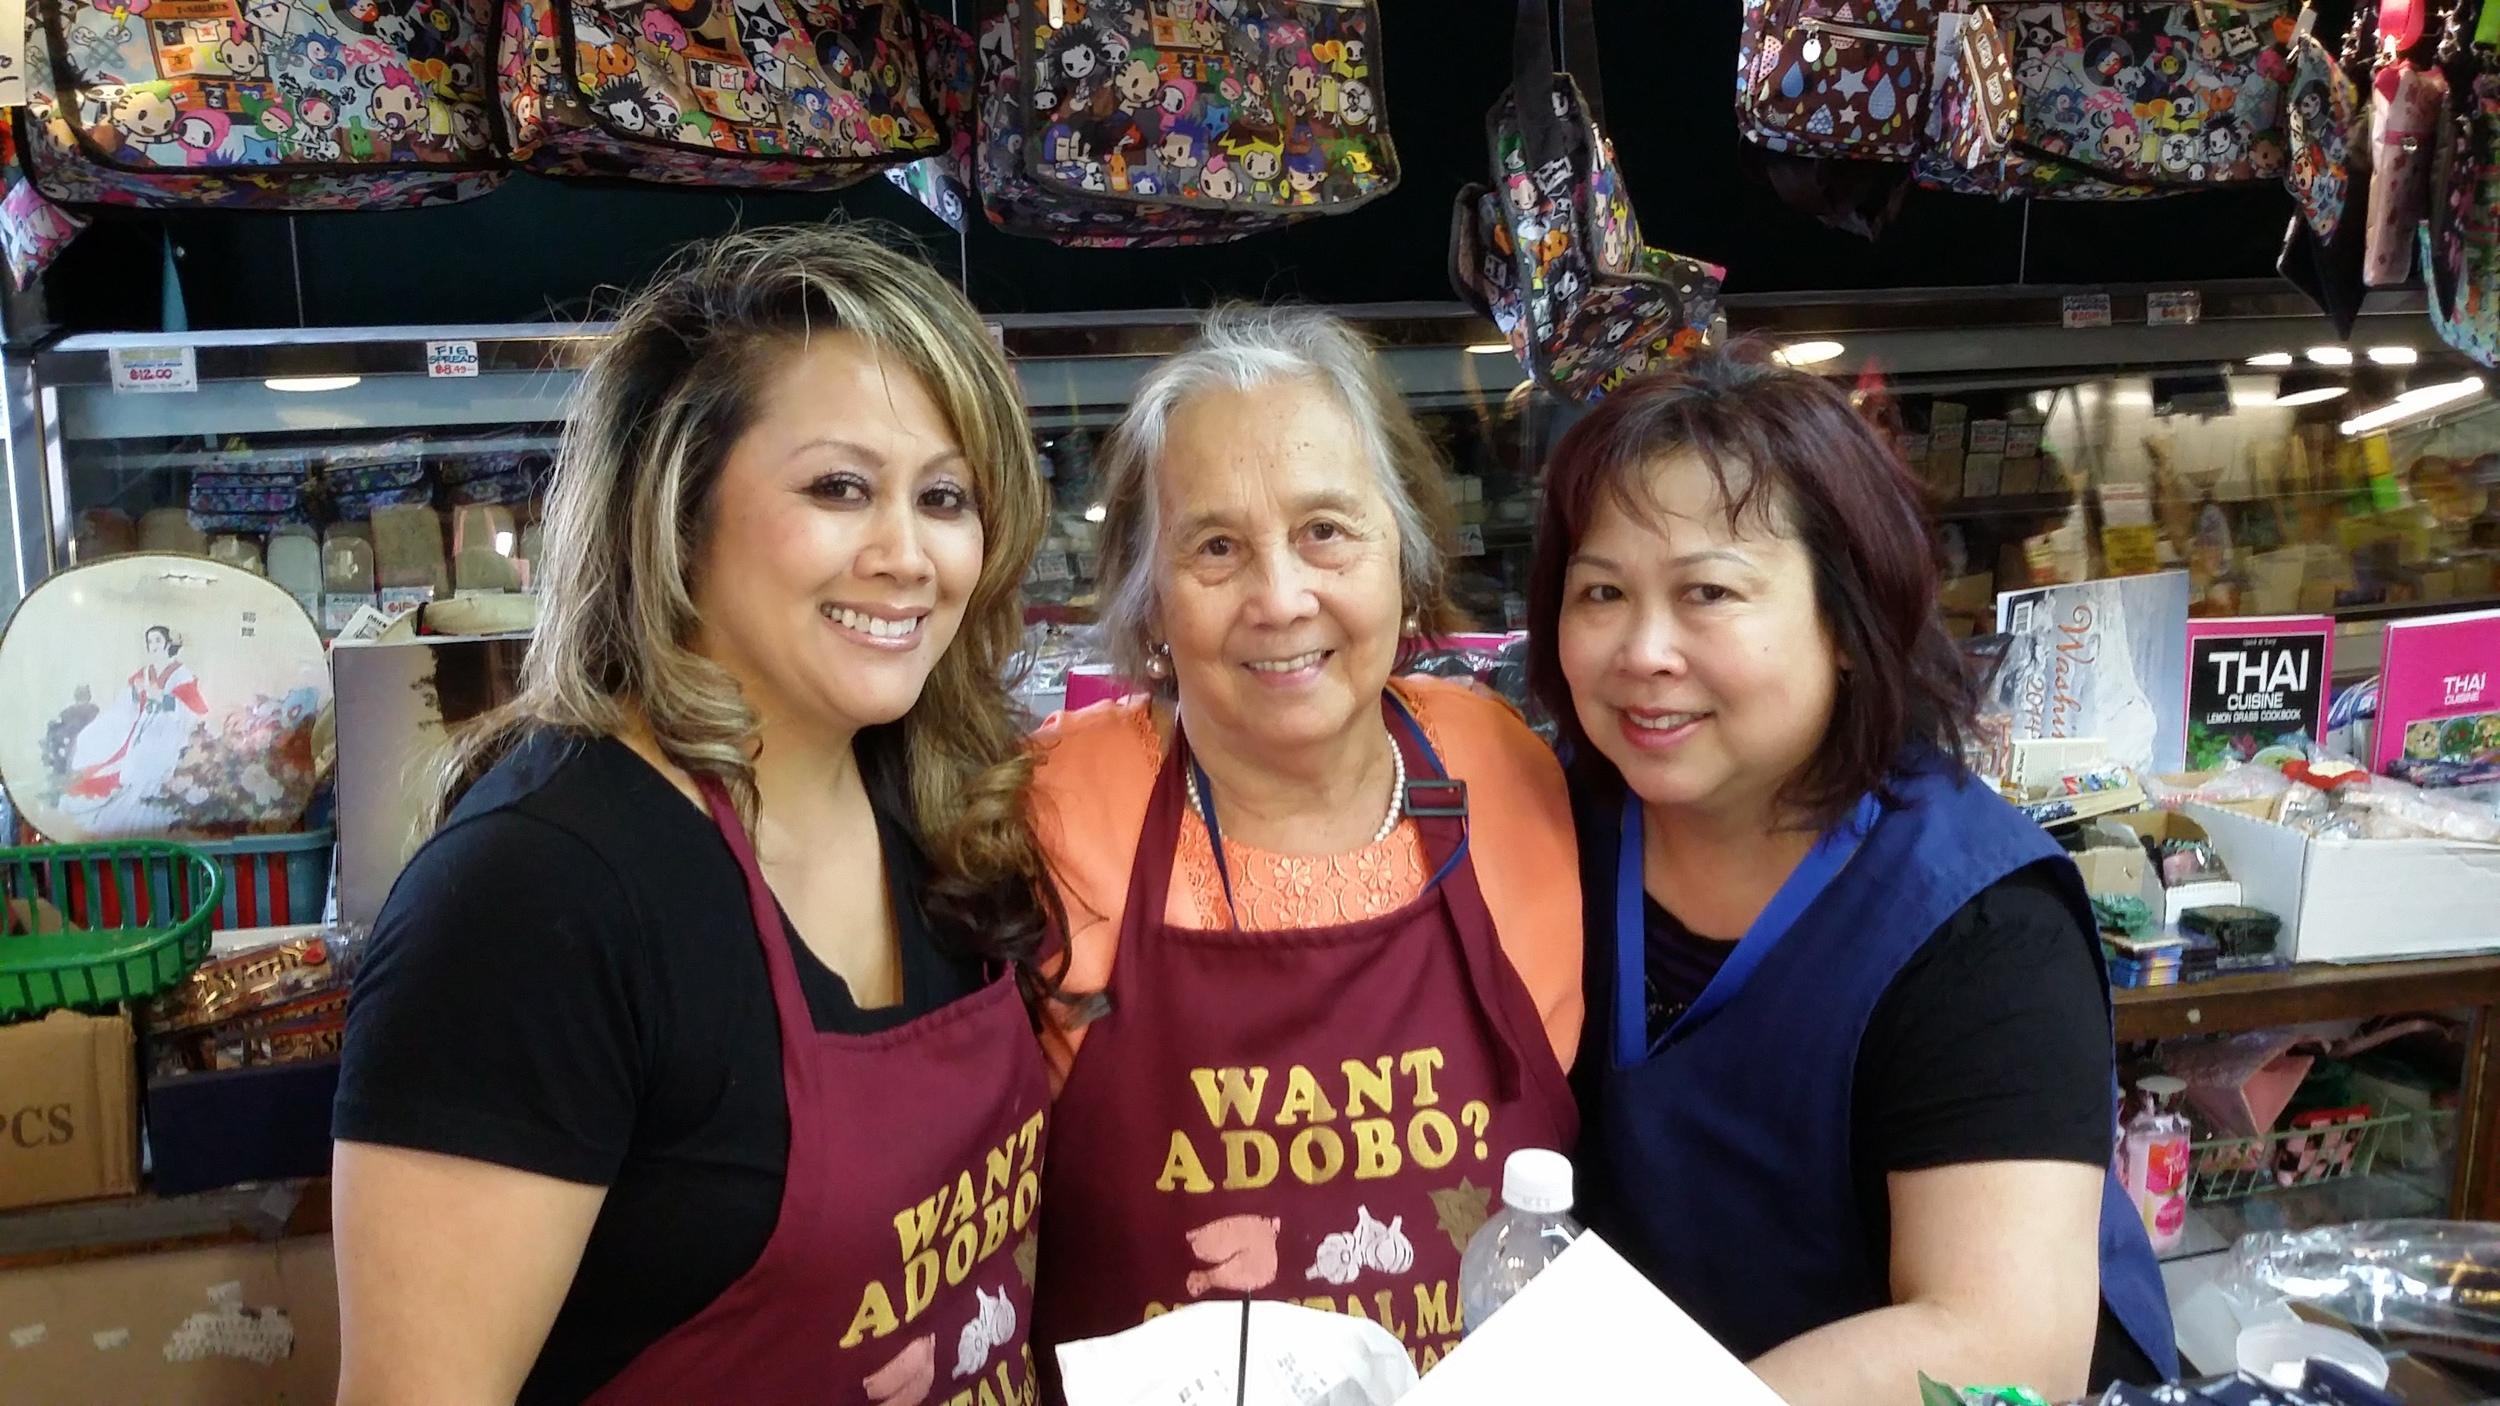 The Apostol women rule at Oriental Mart: from left to right, Joy Apostol Mori, Milagros Guacen Apostol, and Leila Apostol Rosas. (Photo by Elias M. Ferrer)